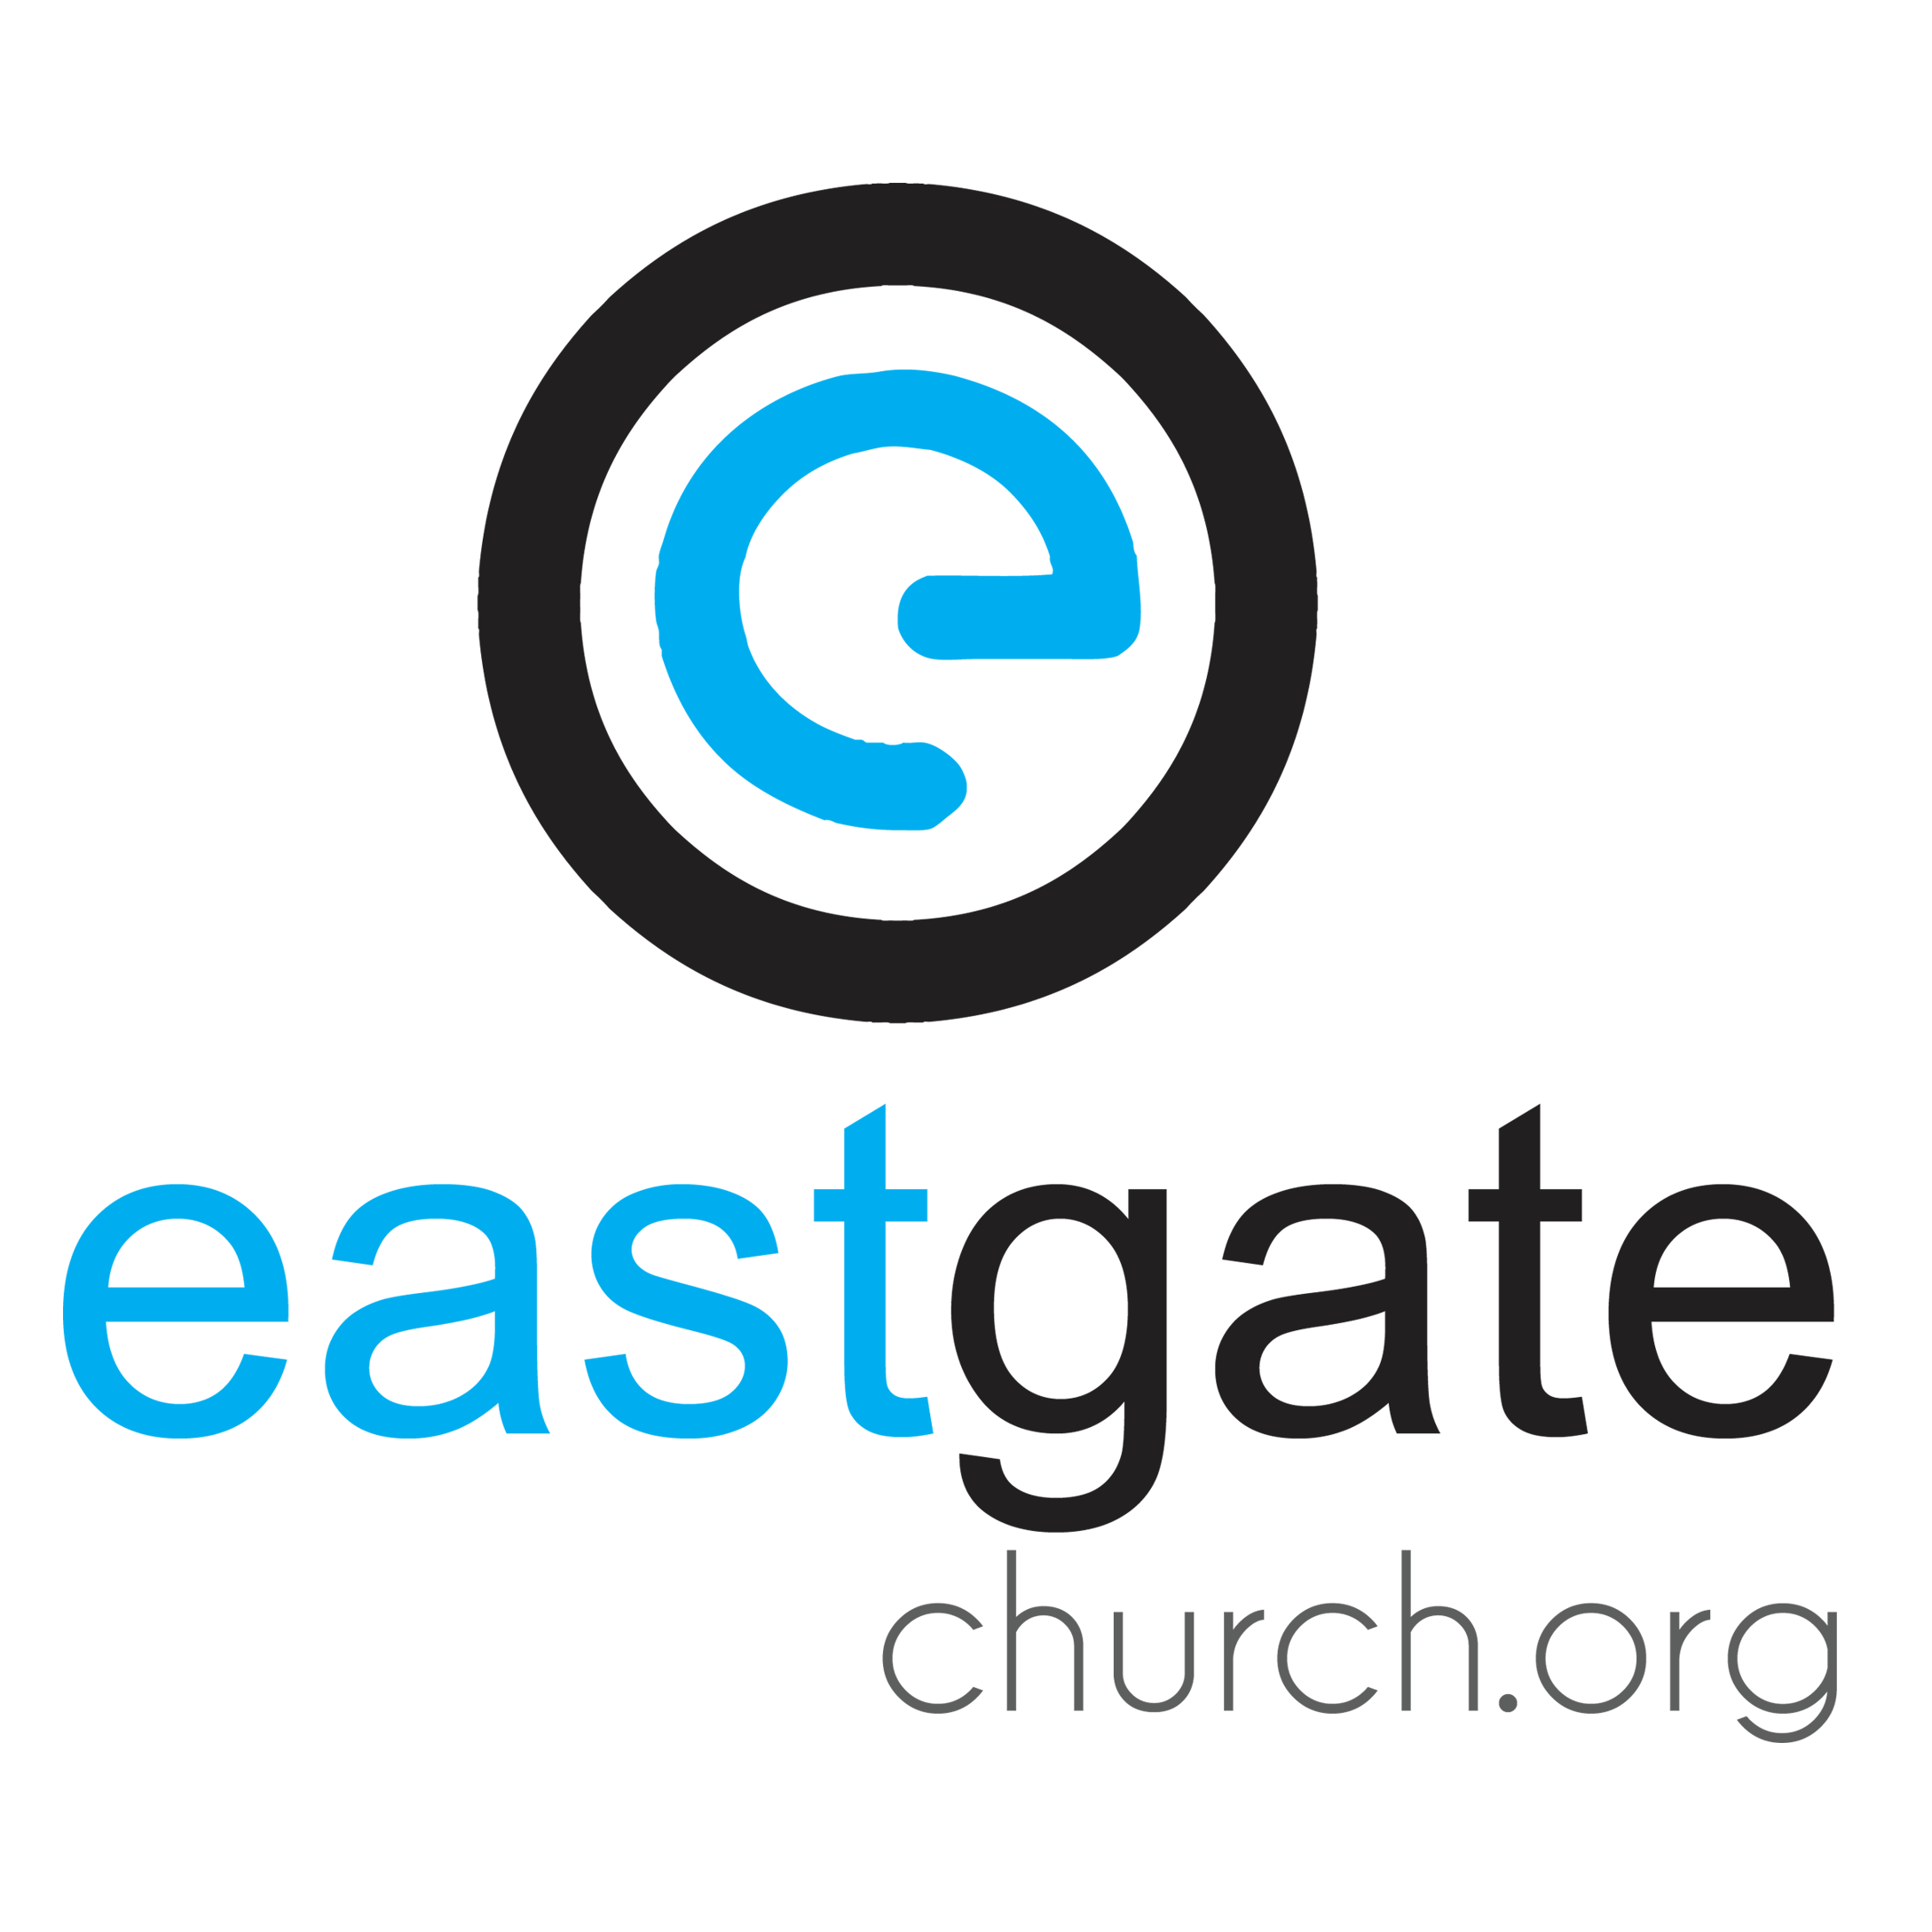 Eastgate Church